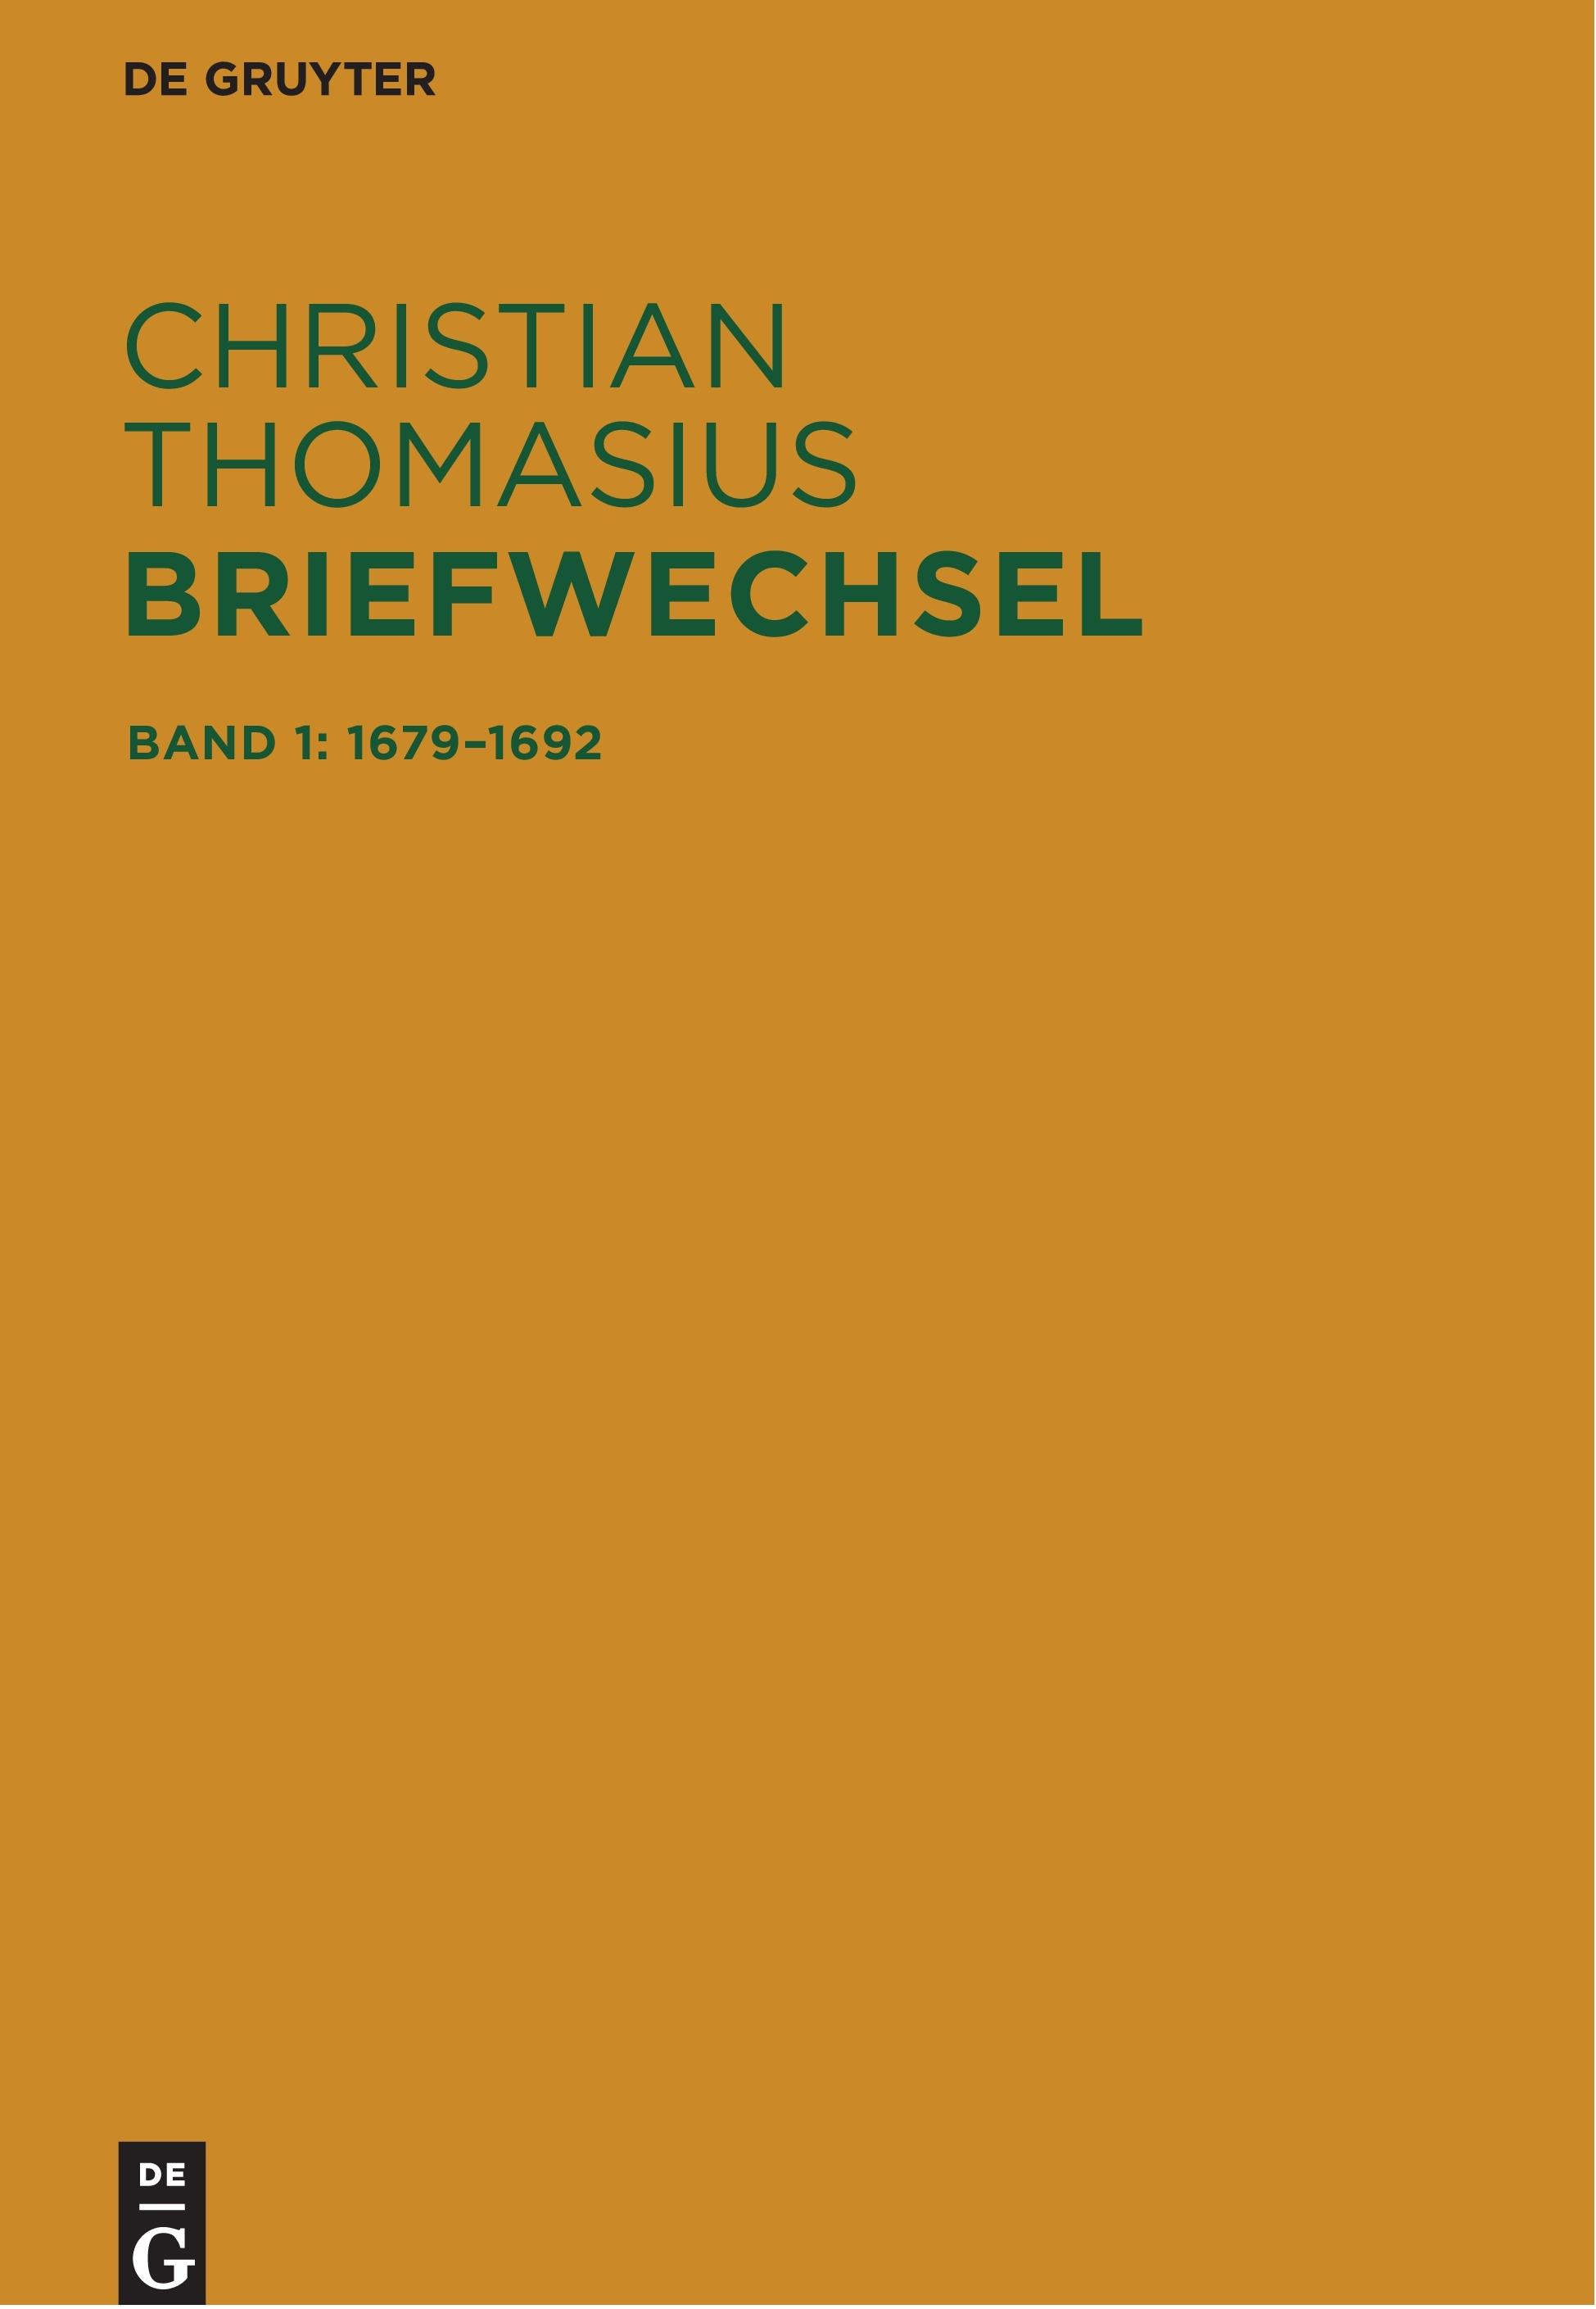 Christian Thomasius: Briefwechsel, Bd. 1: 1679–1692, hg. von Frank Grunert, Matthias Hambrock und Martin Kühnel, unter Mitarb. von Andrea Thiele, De Gruyter: Berlin/Boston 2017